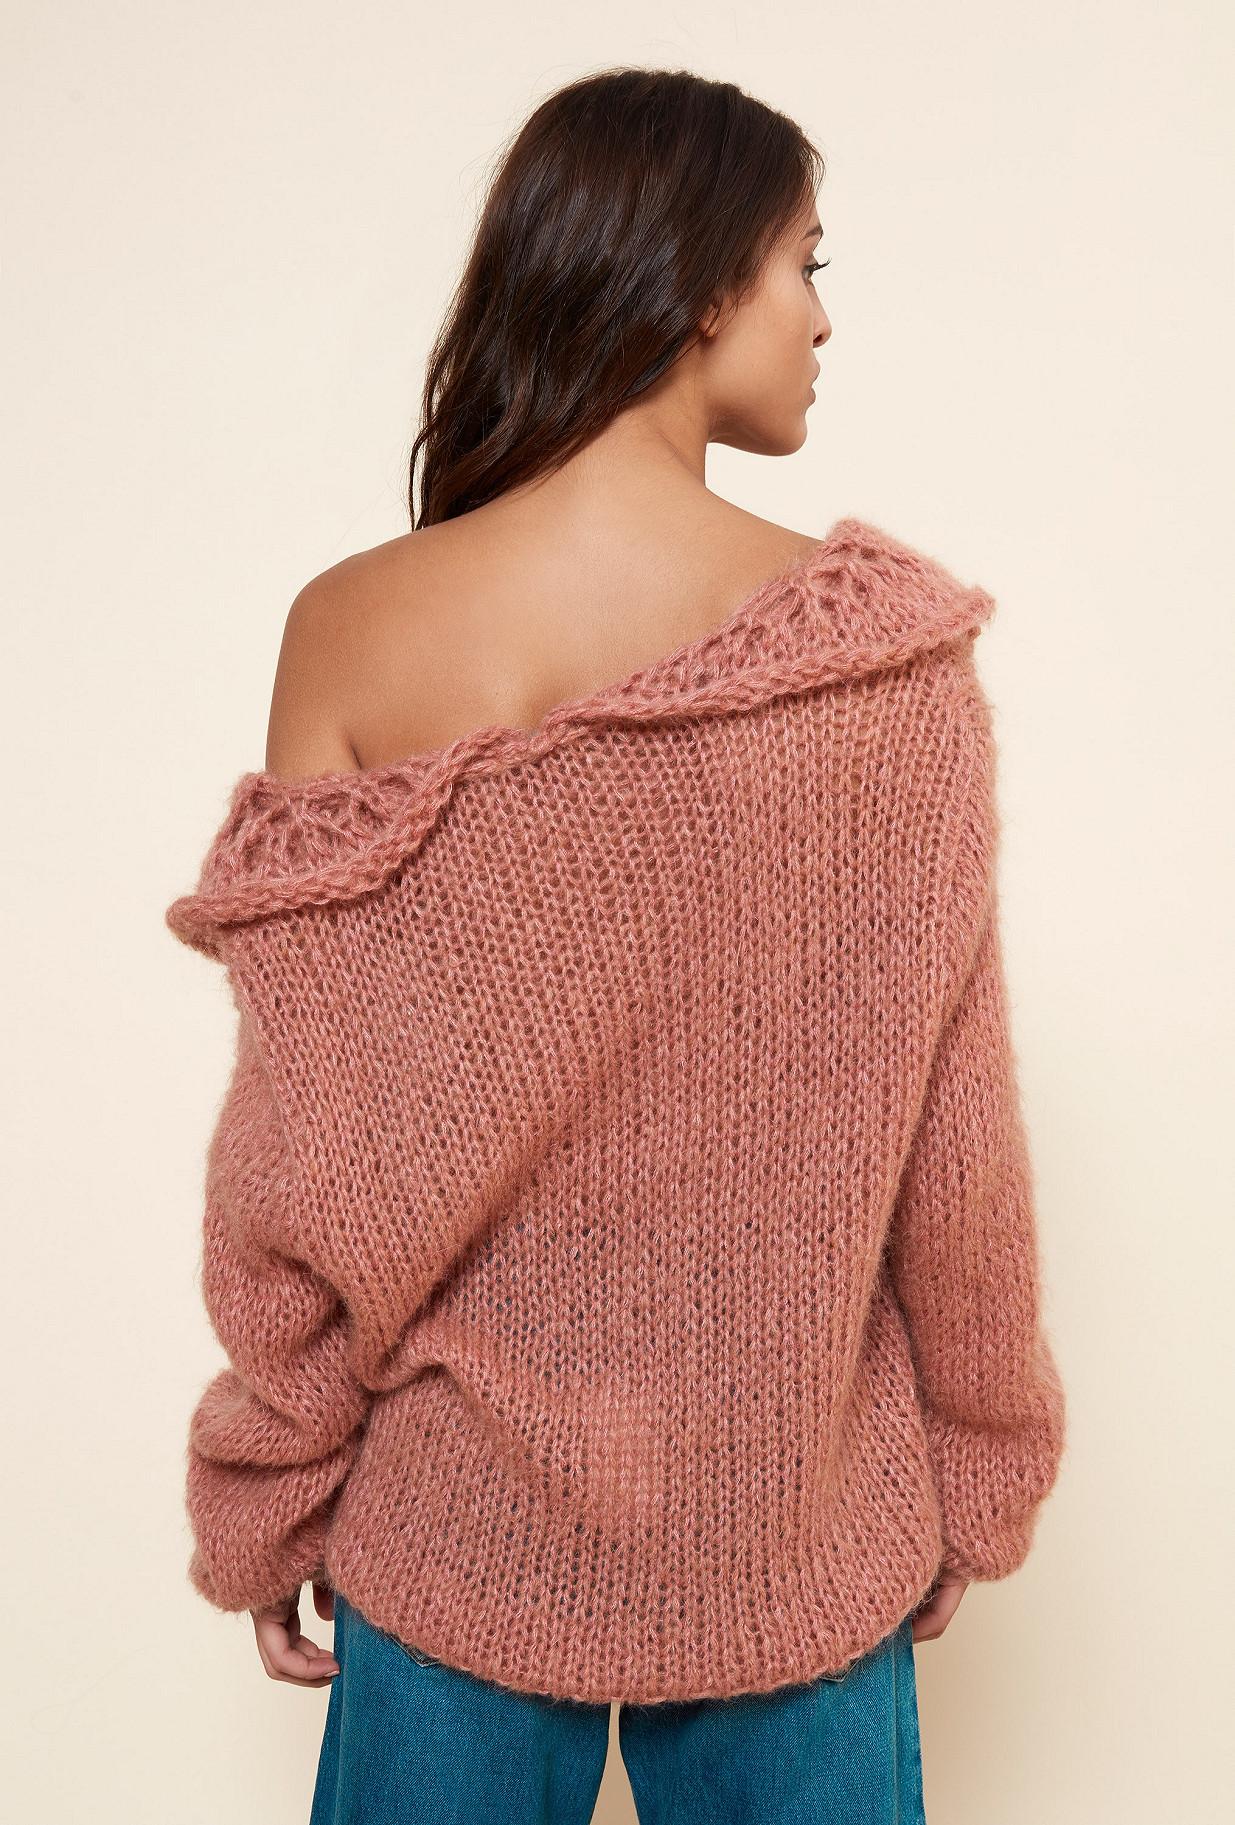 Nude Knit Frisco